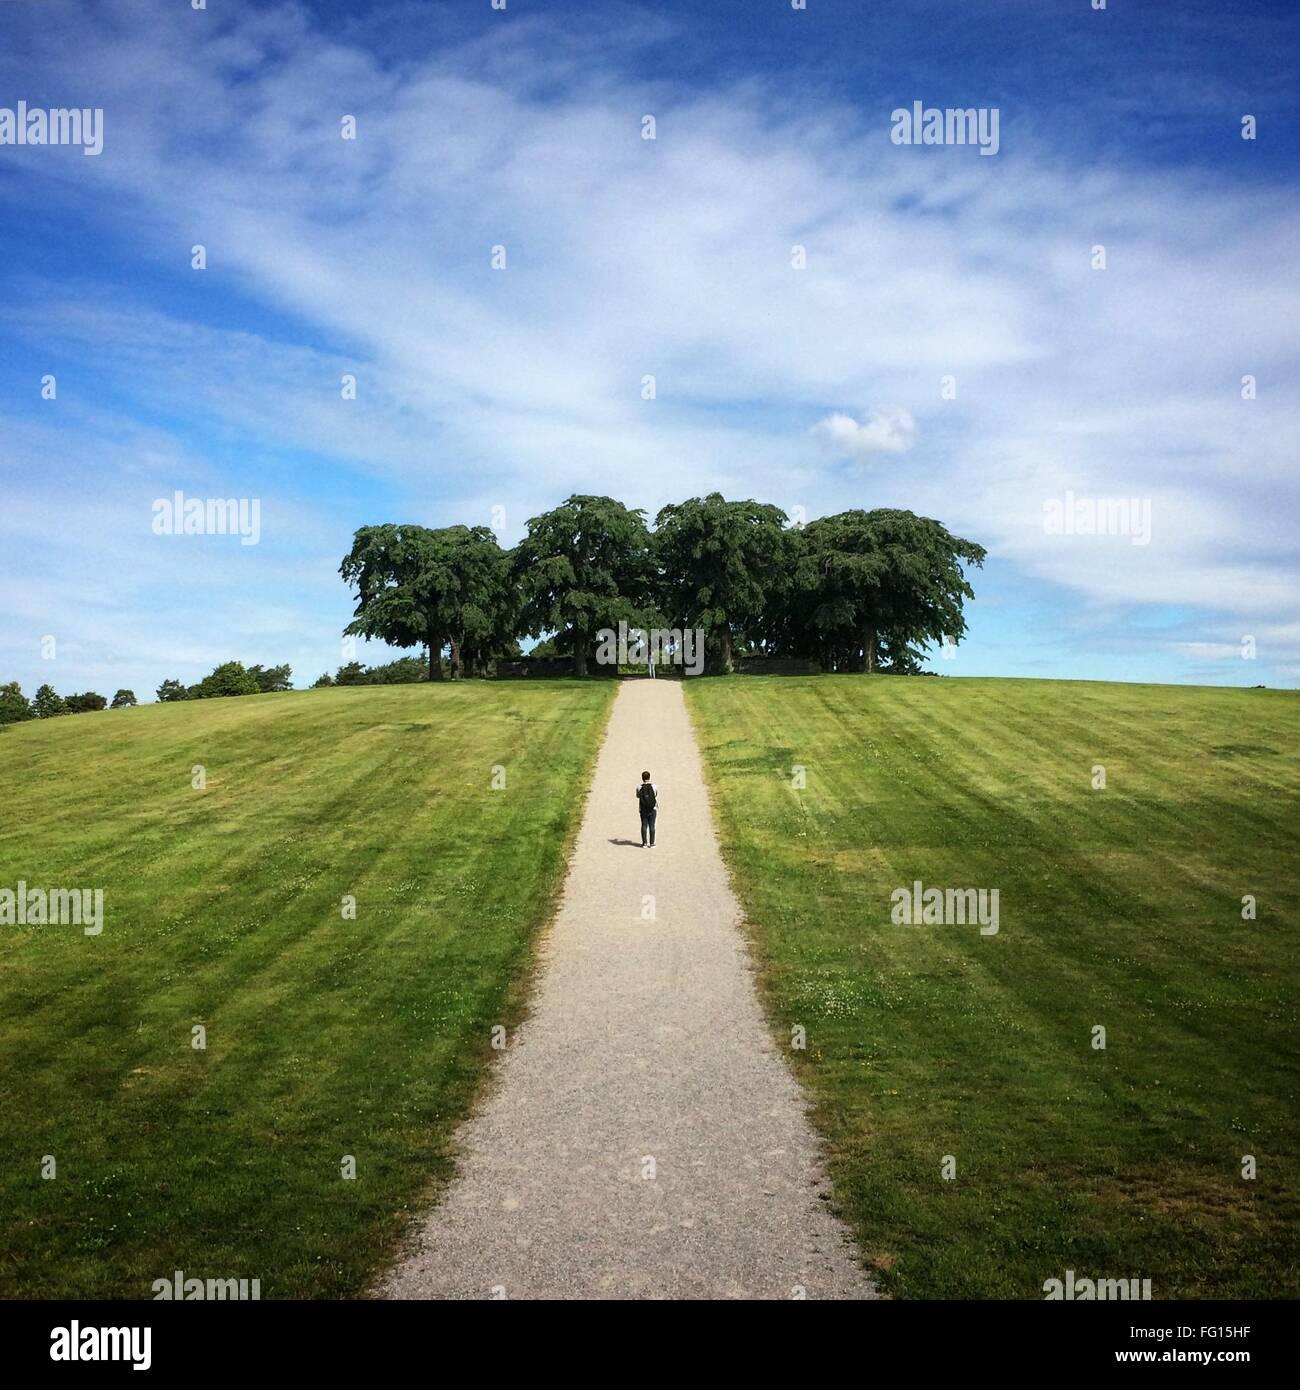 Hombre de pie en el camino en el campo de hierba contra el cielo Imagen De Stock